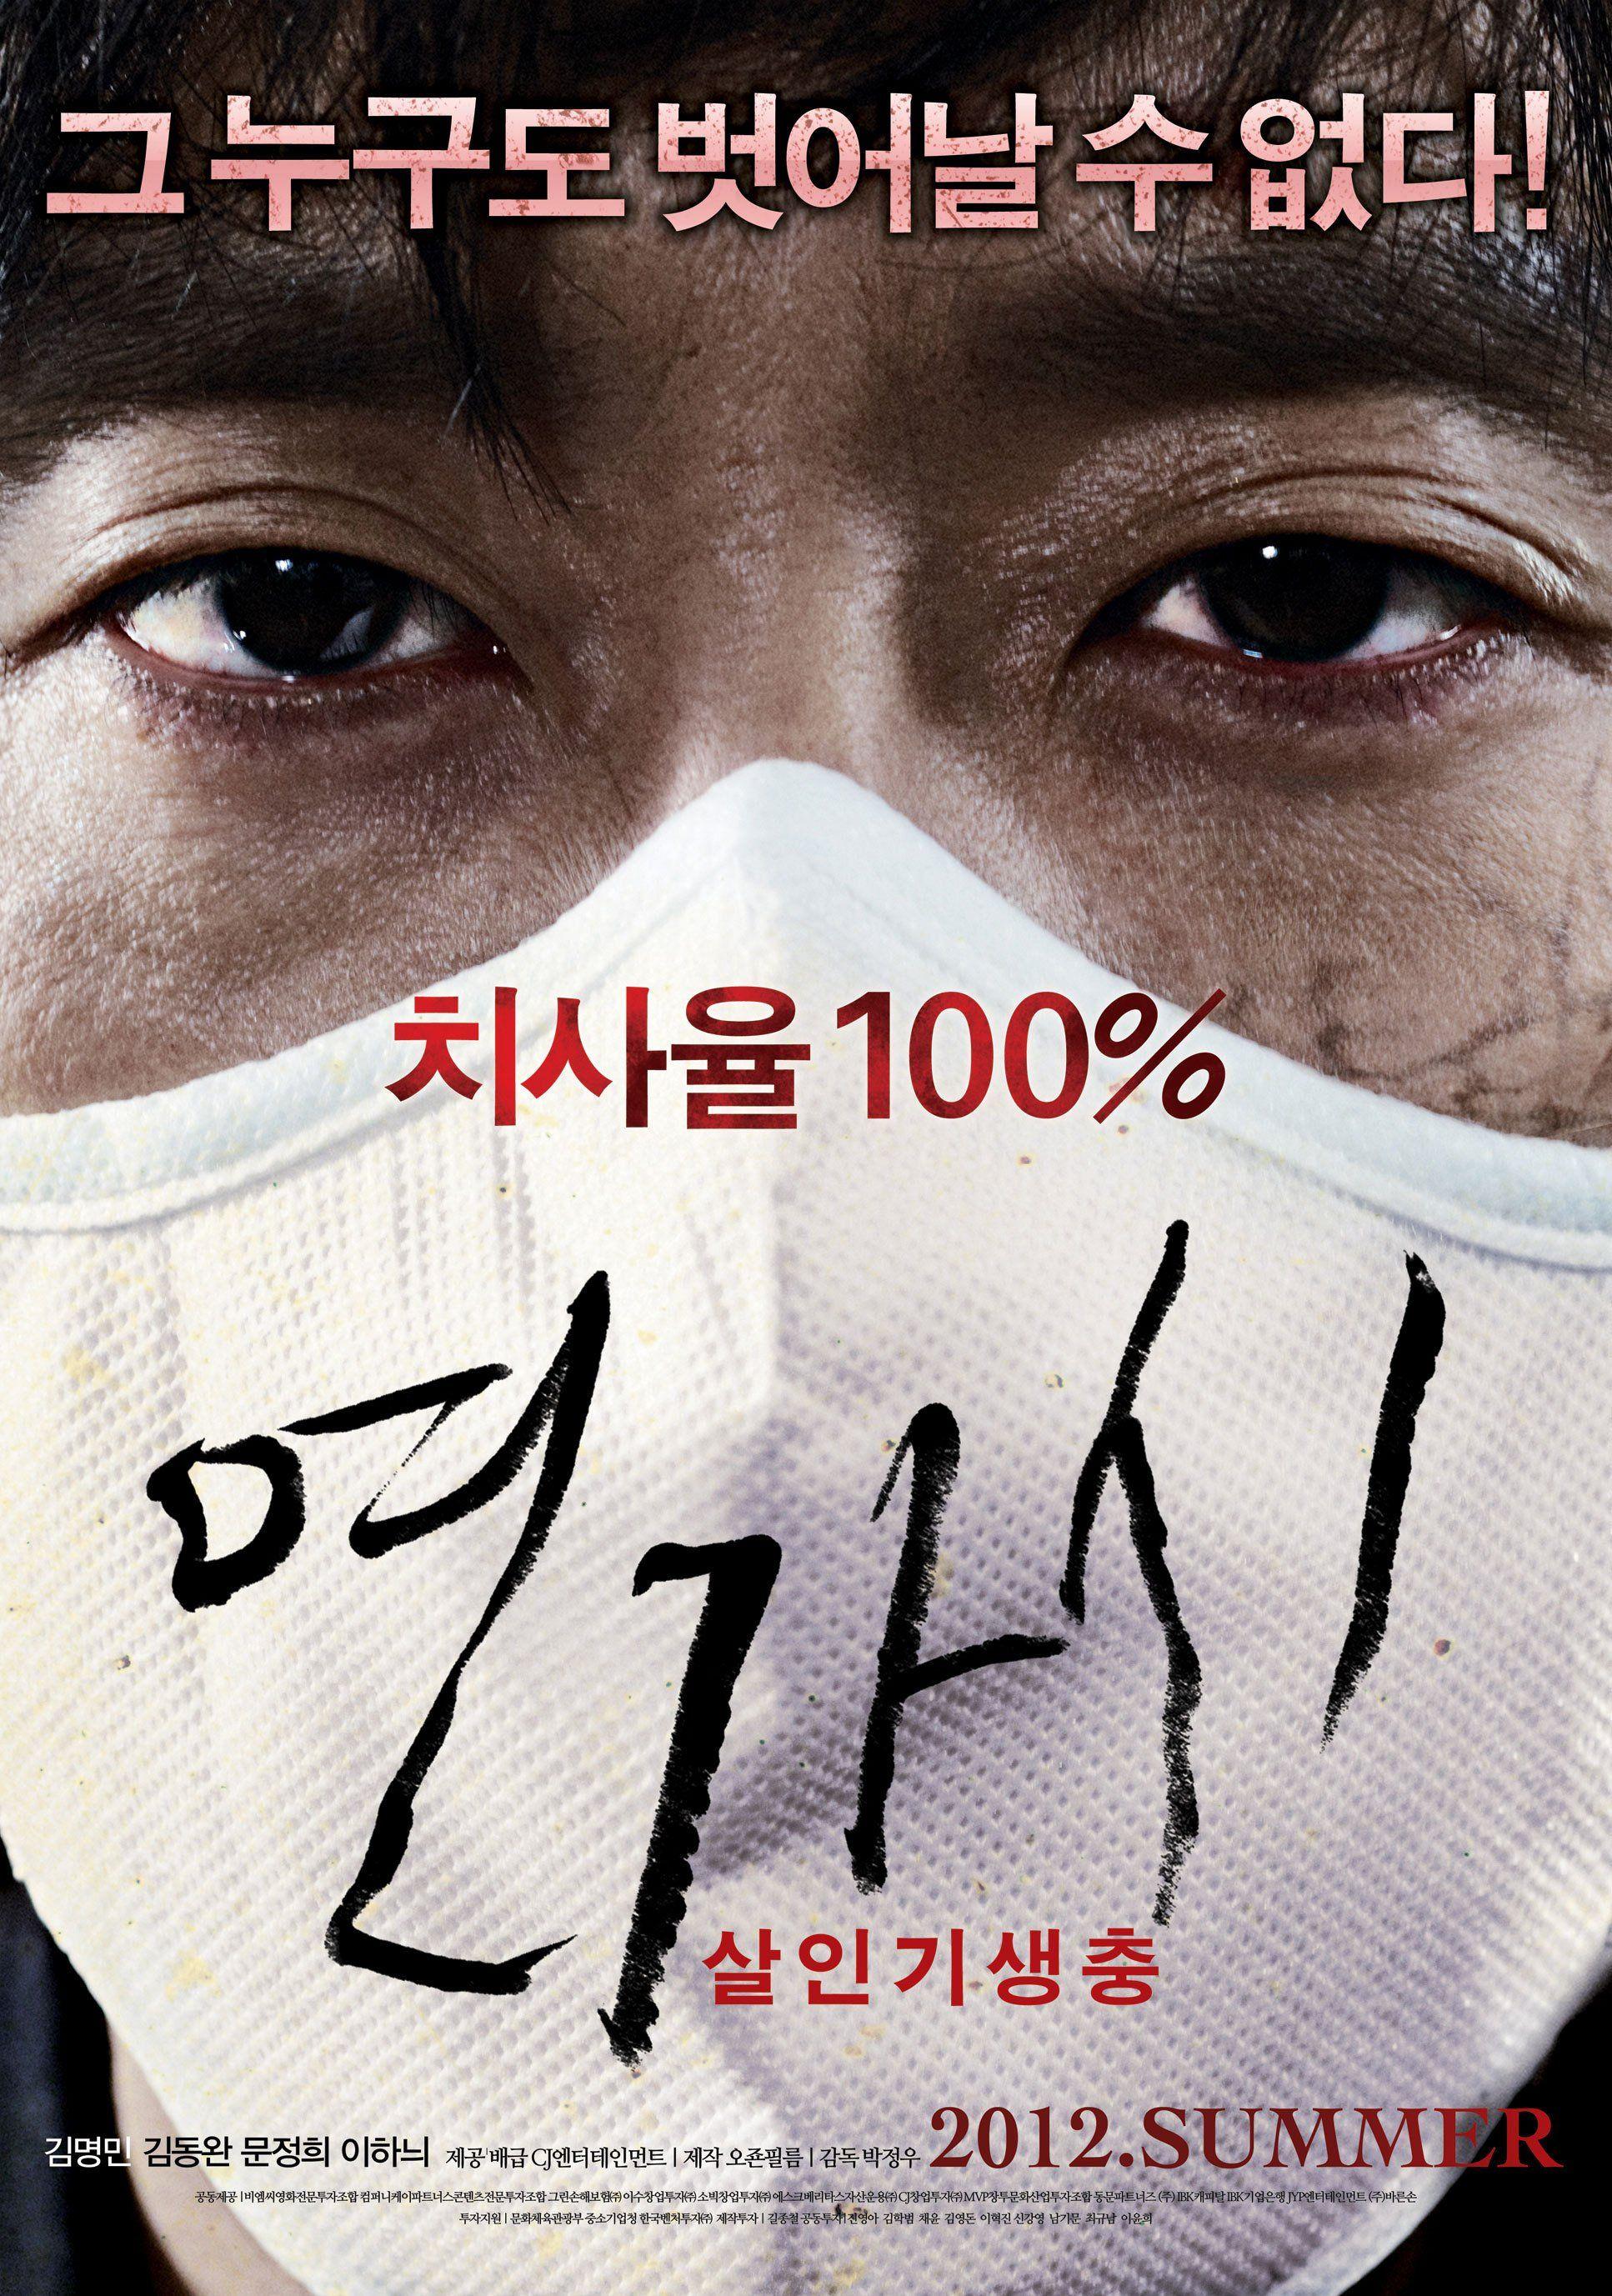 Movie Deranged 2012 Peliculas Completas Peliculas Completas Gratis Ver Peliculas Completas